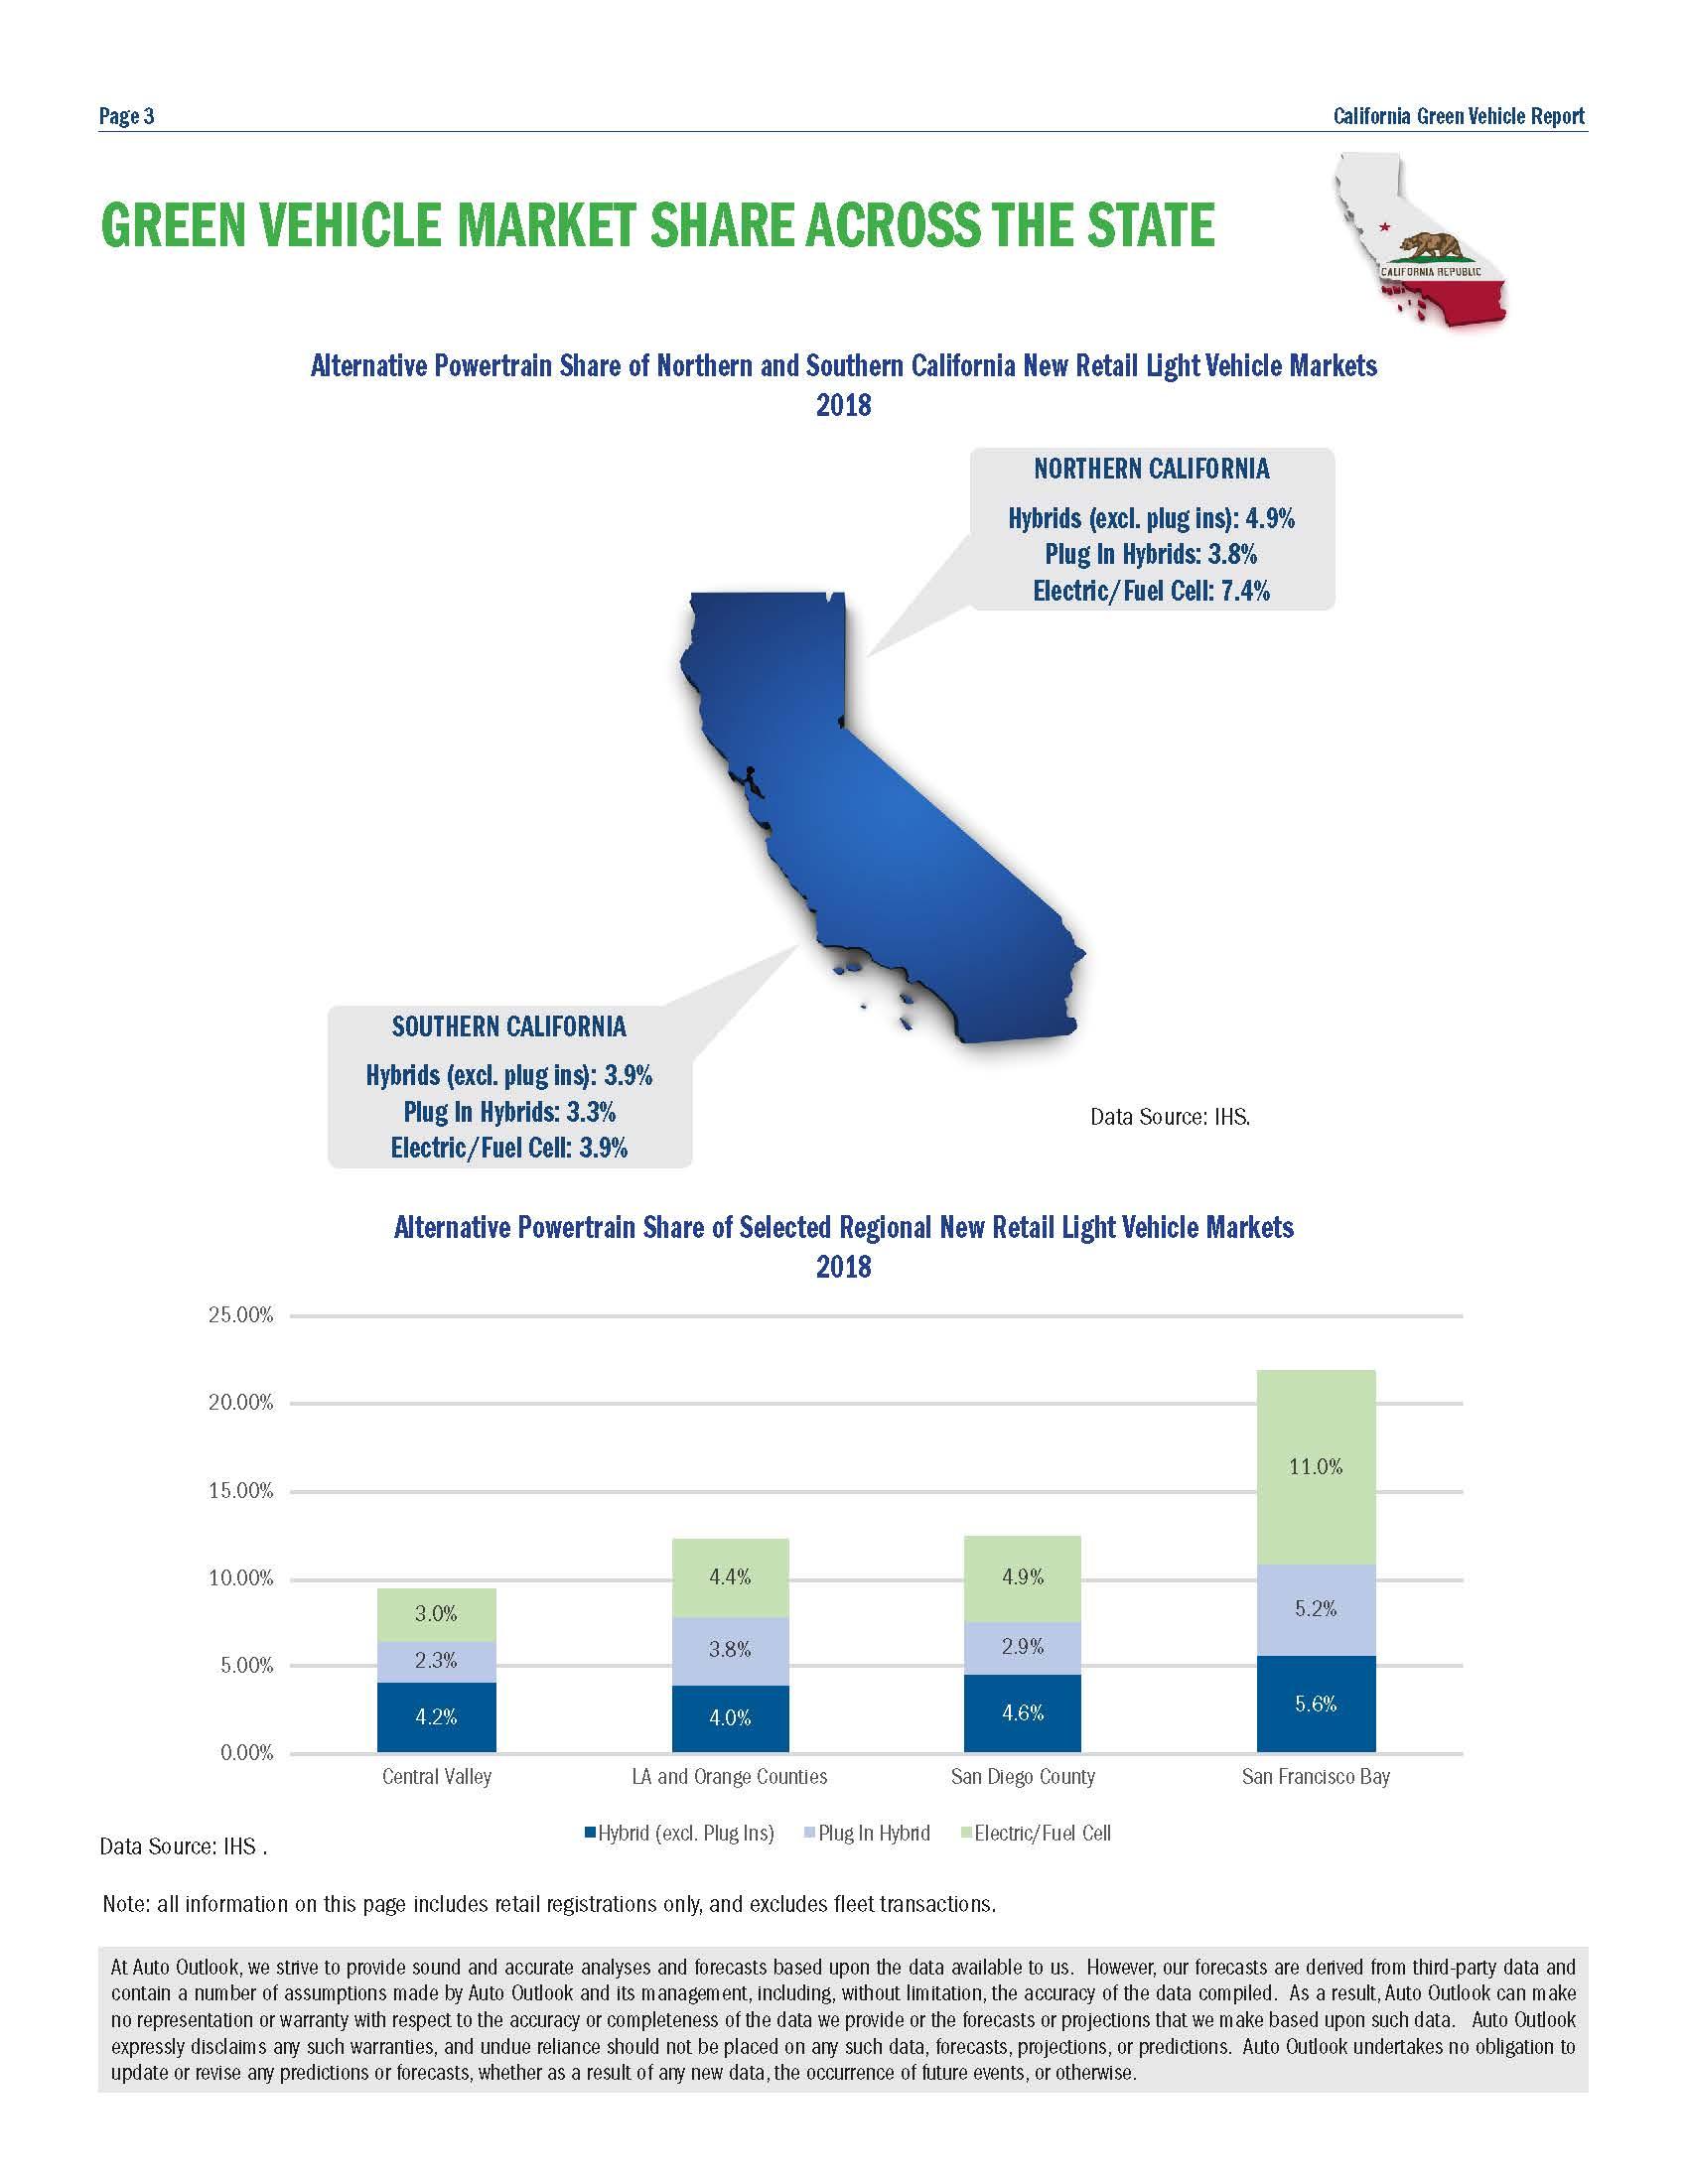 Cal Alt Powertrain Report 1Q 19 Release_Page_3